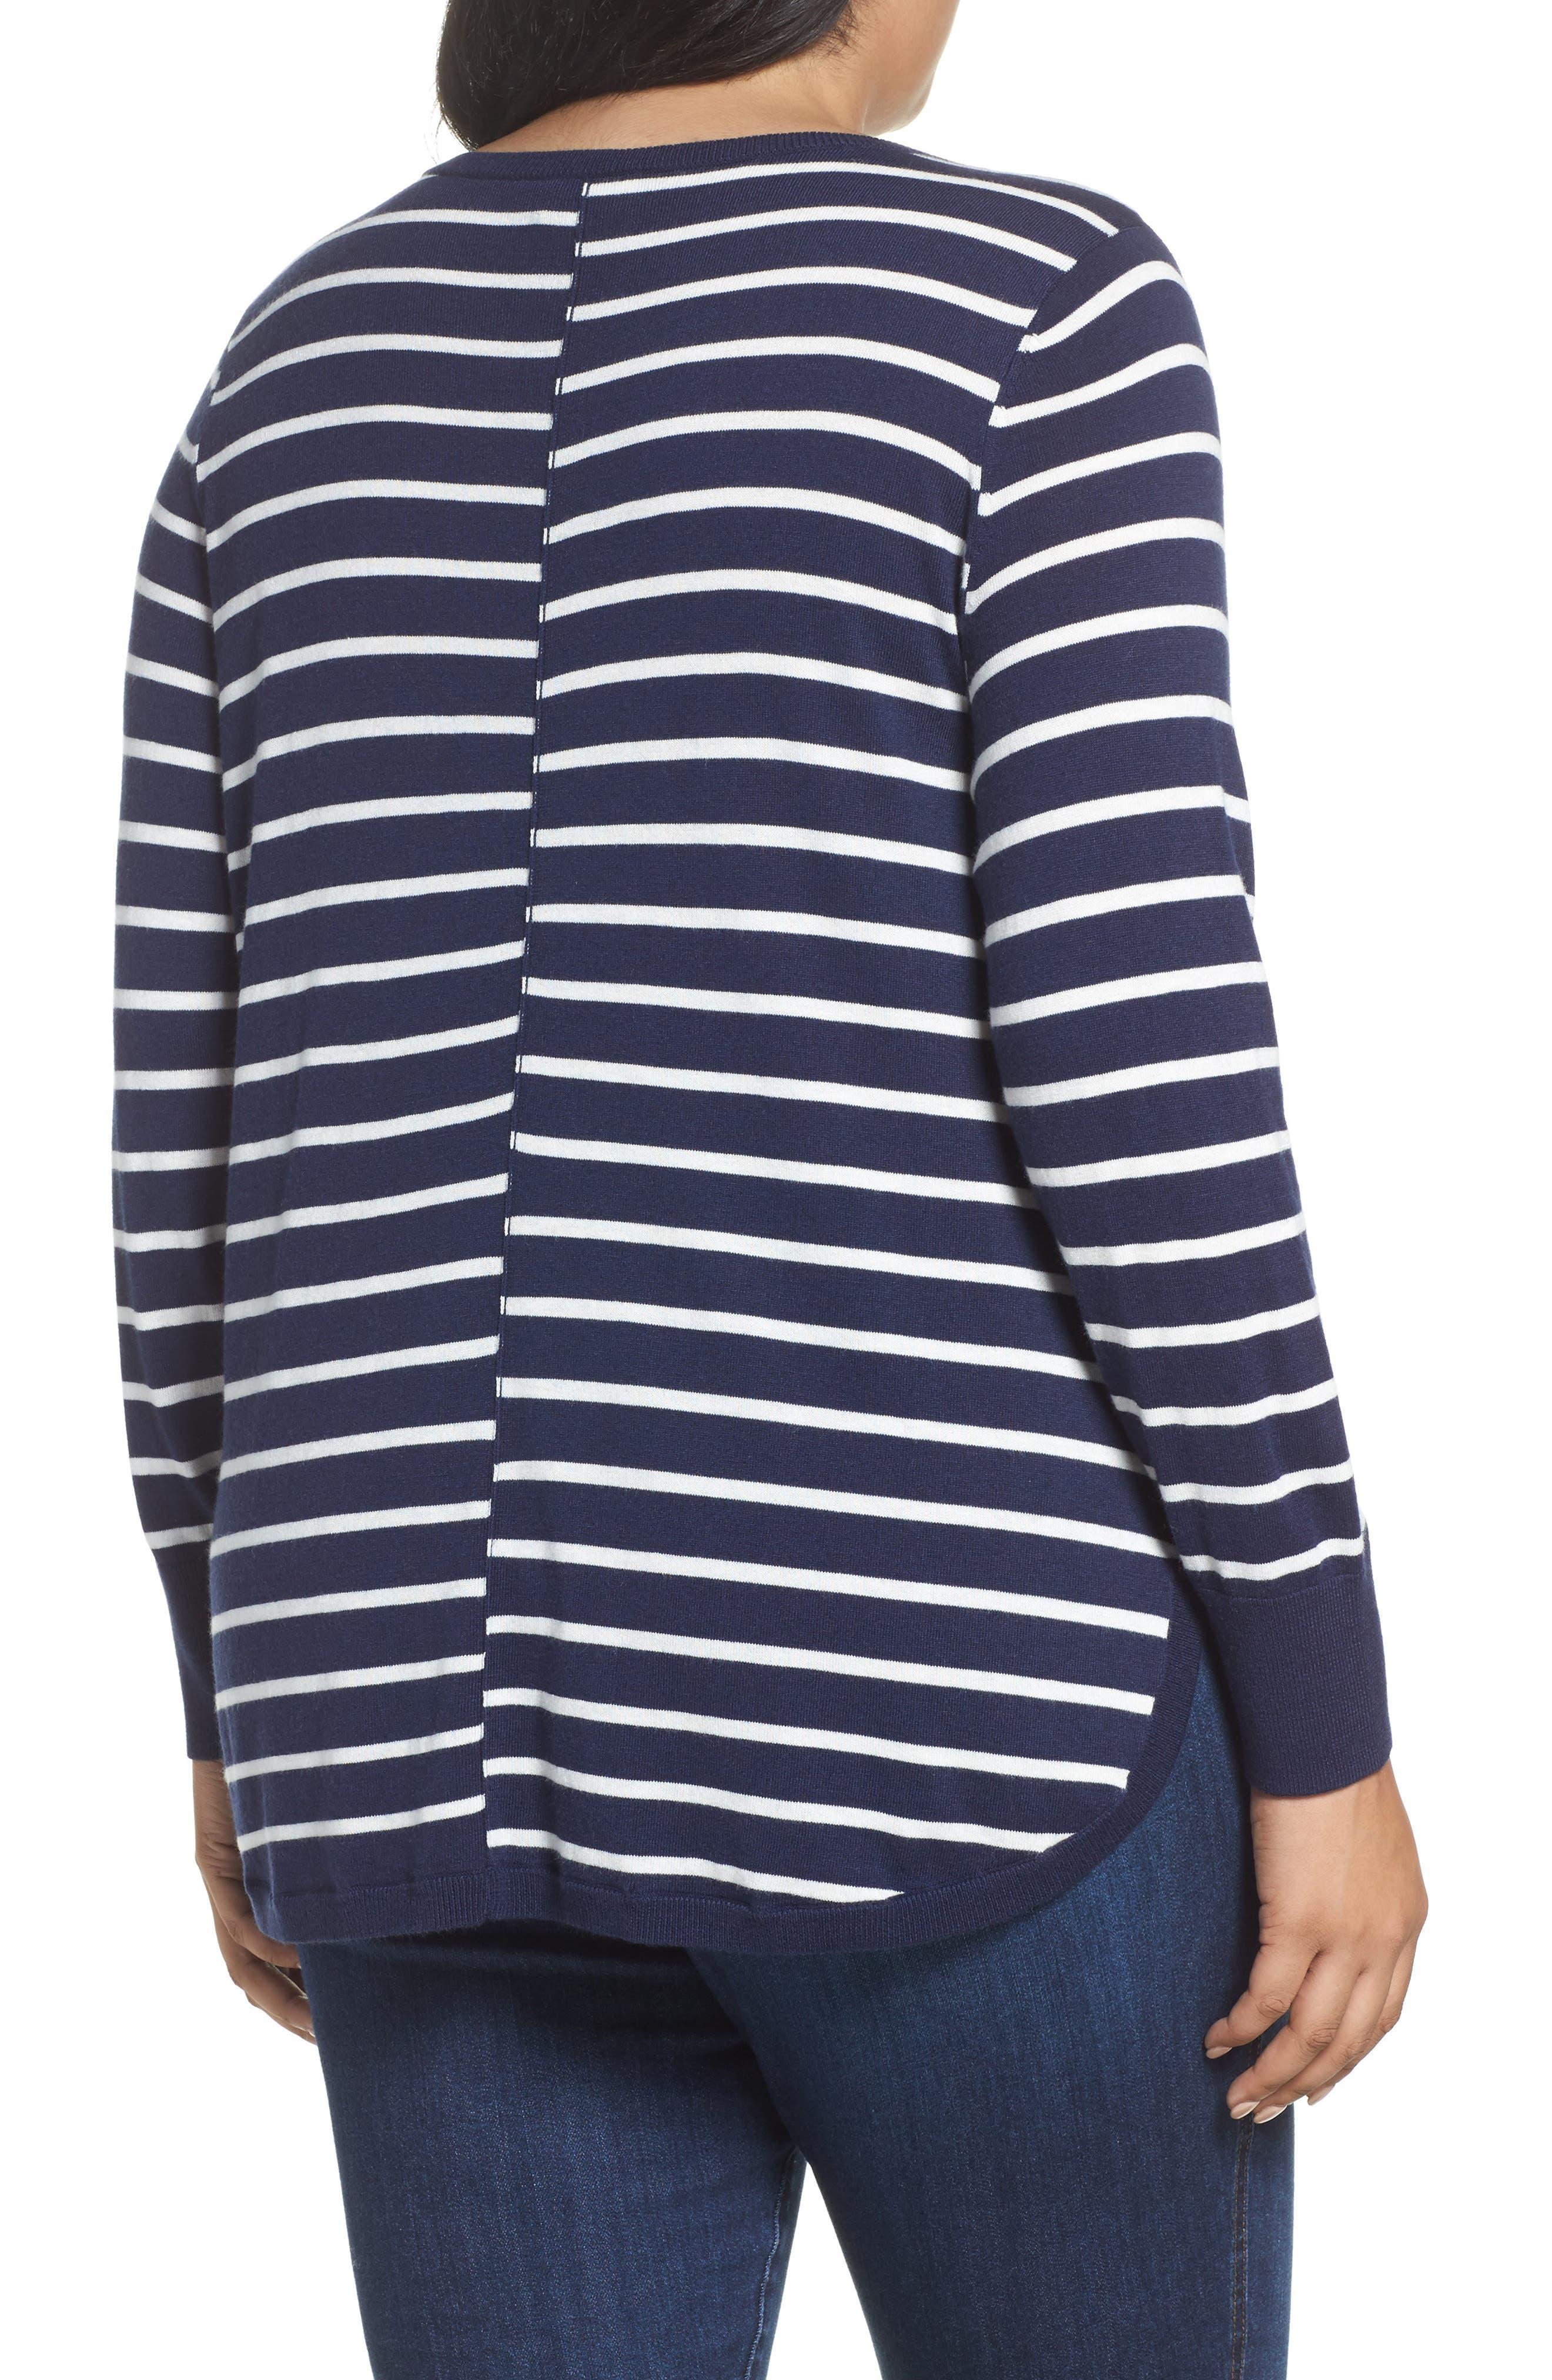 60857eeb2b5 Women's Plus-Size Sweaters | Nordstrom